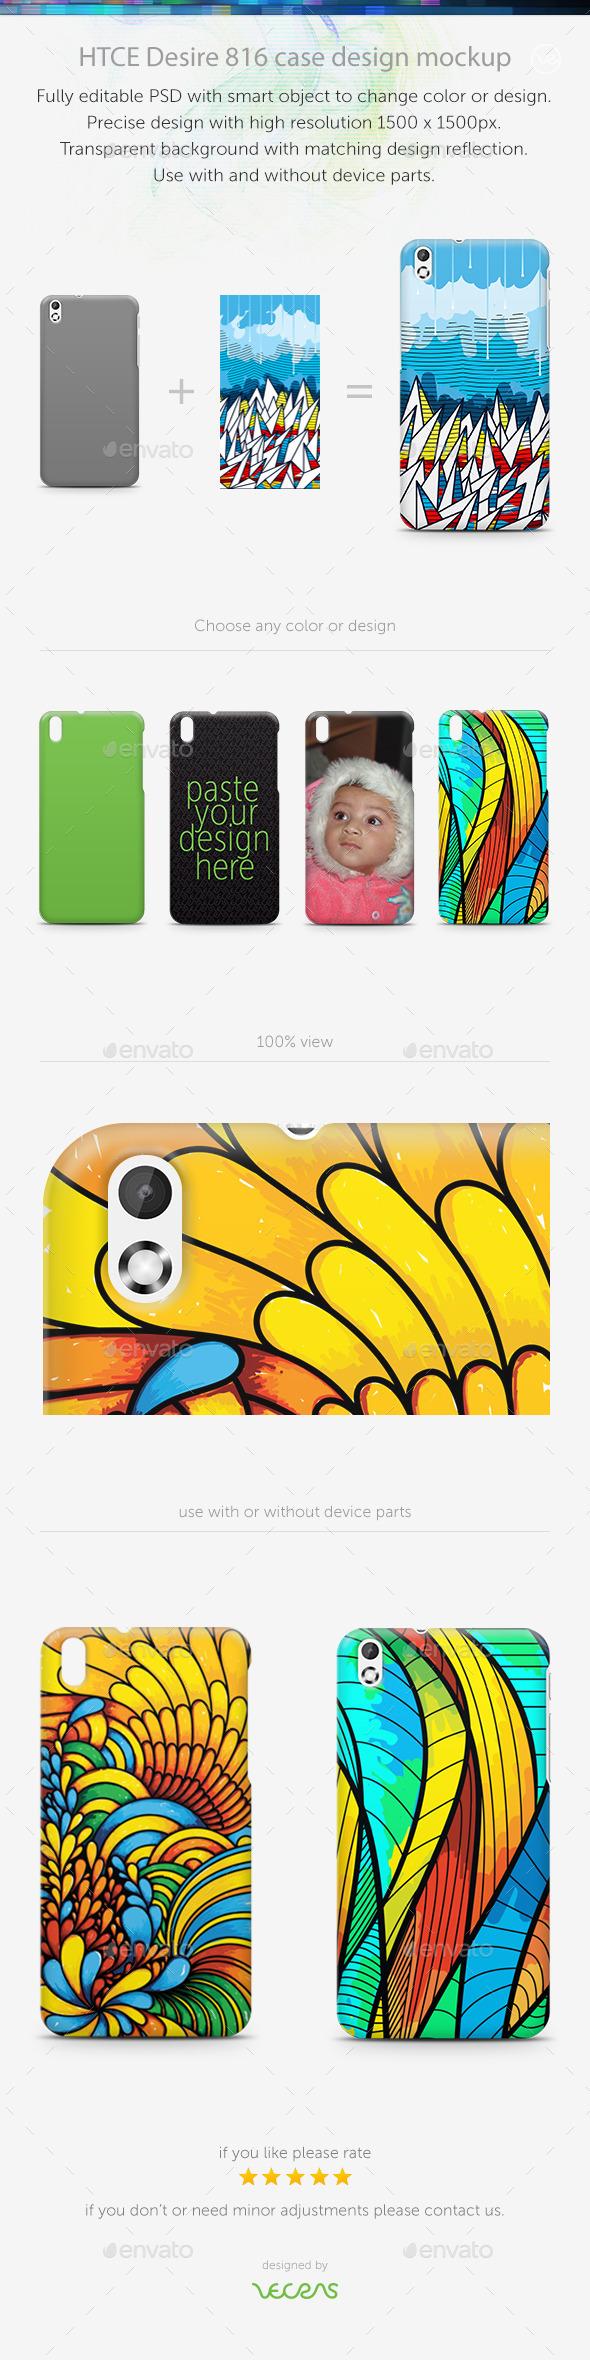 HTCE Desire 816 Case Design Mockup